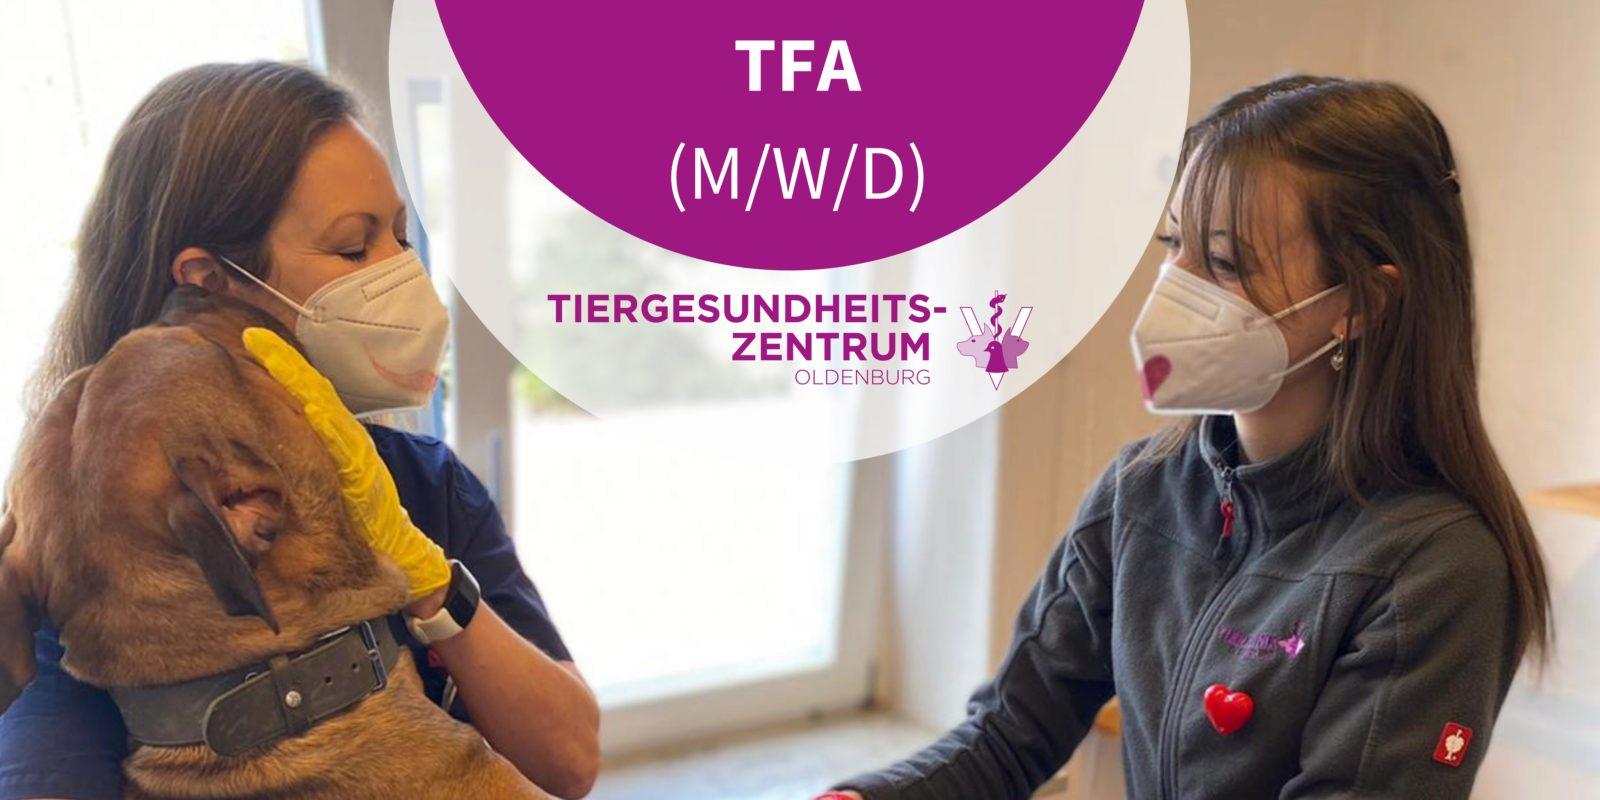 Tiergesundheitszentrum Oldenburg - TFA (m/w/d) in Oldenburg, Niedersachsen gesucht (Vollzeit)